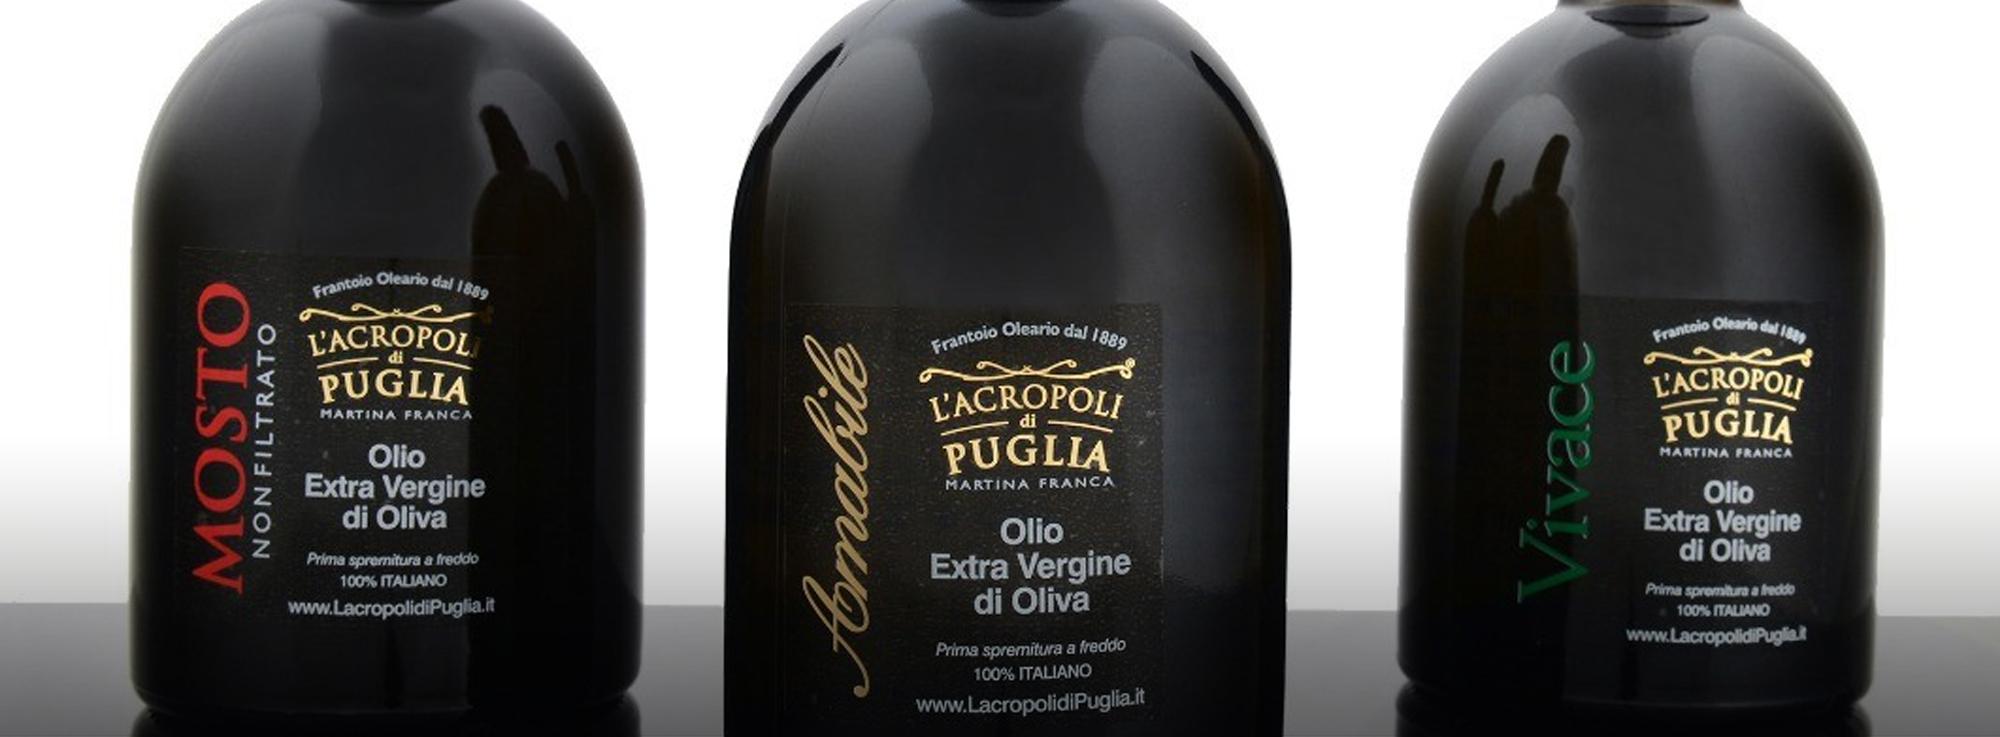 """""""L'Acropoli di Puglia"""", olio extravergine di qualità Martina Franca"""